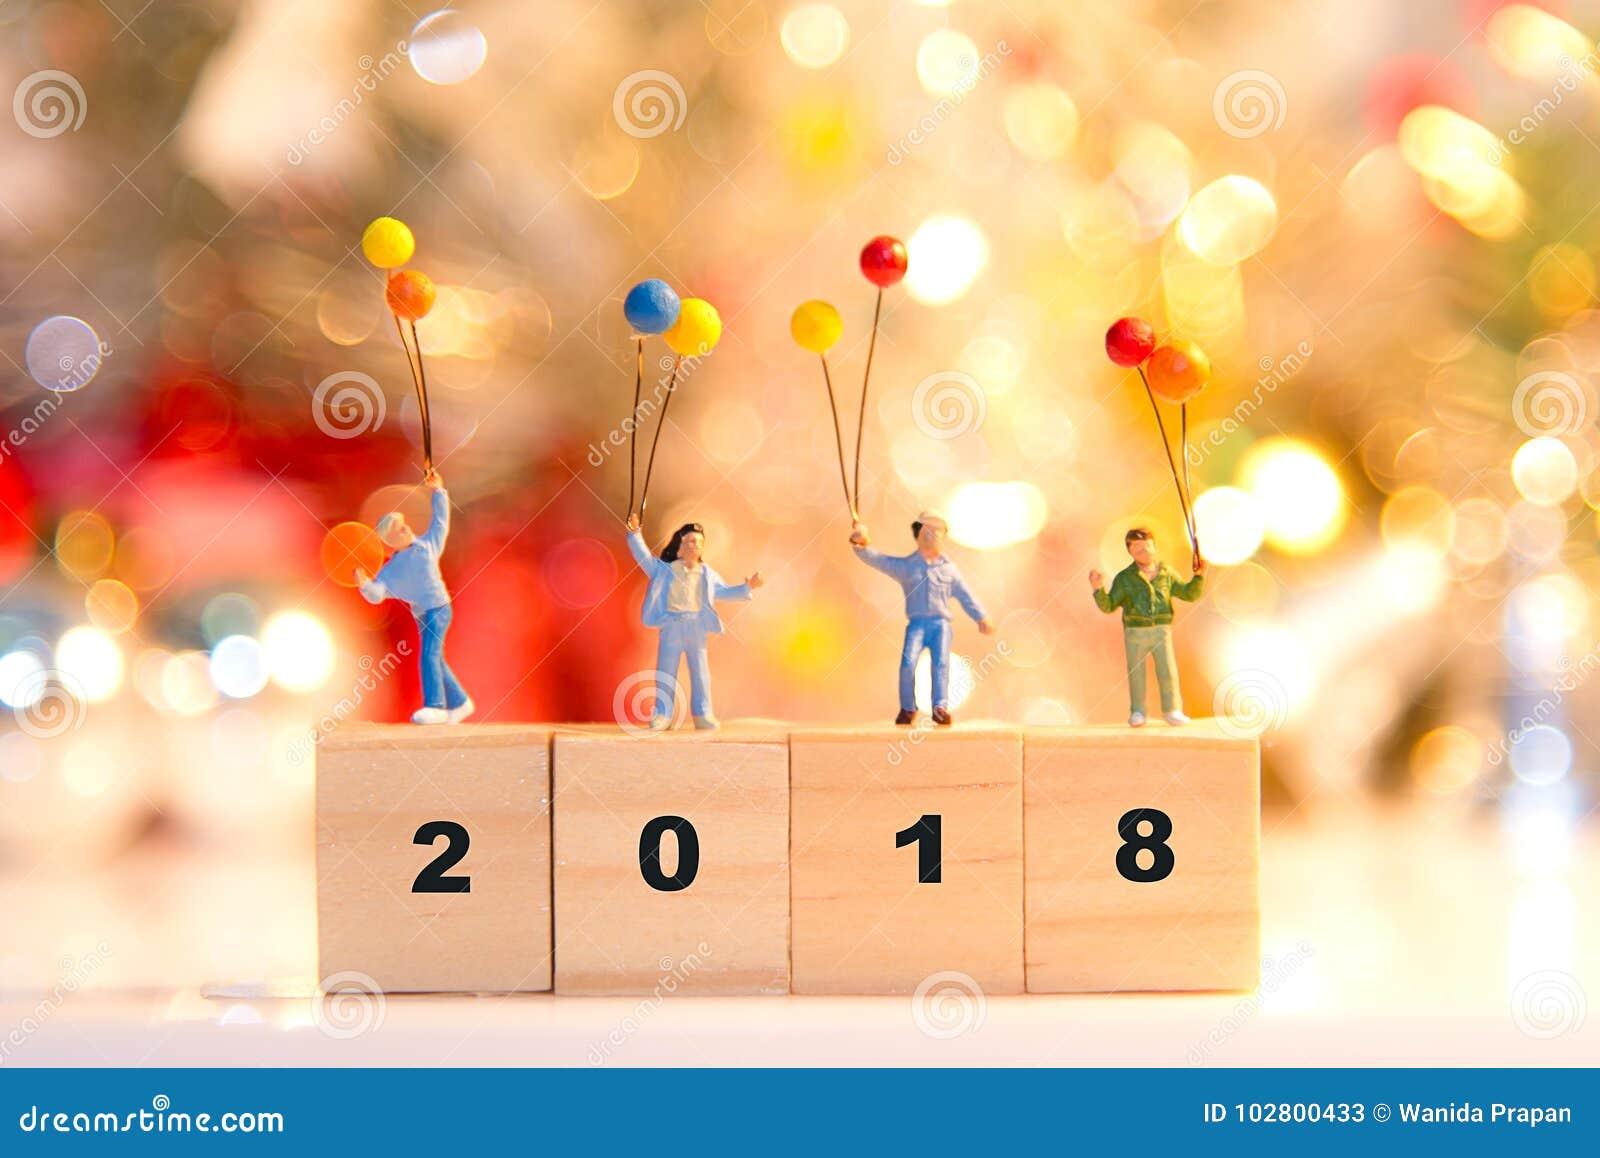 Família feliz do grupo diminuto que guarda os balões que estão em 2018 de madeira com ano novo feliz do partido,